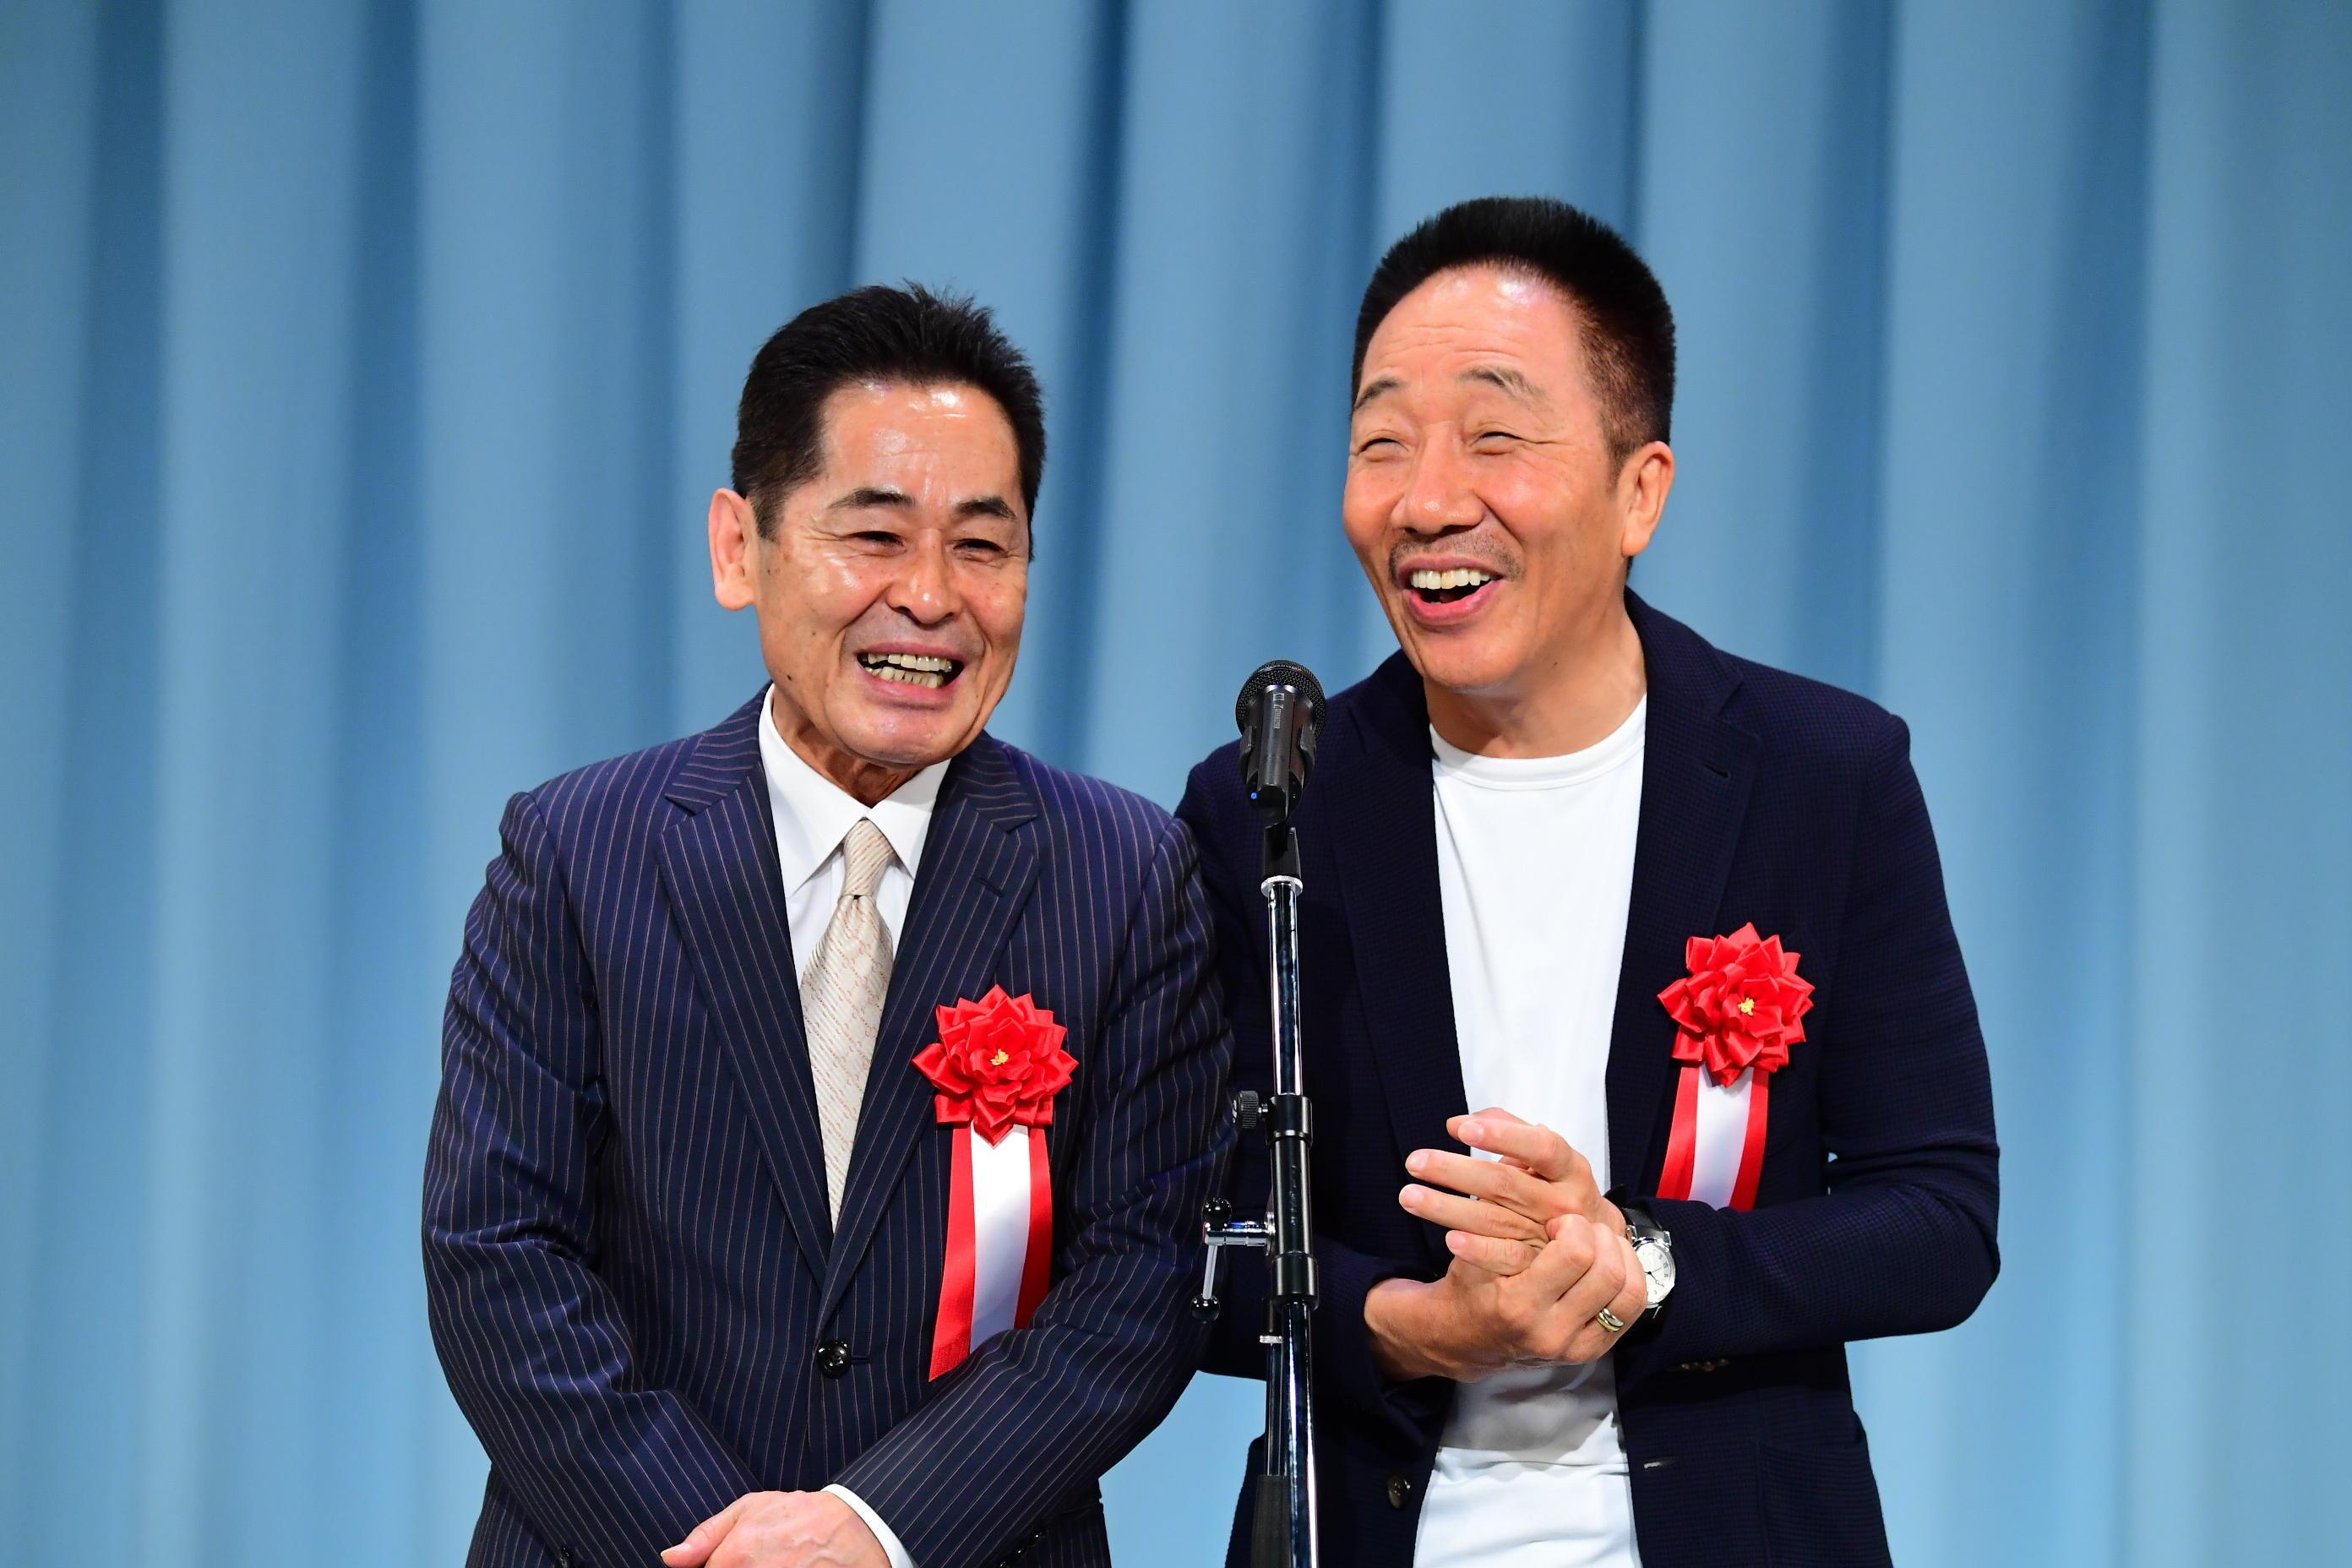 http://news.yoshimoto.co.jp/20170925160949-c11b69acc97775f34bfa9b3306fefe91f6ccd9b9.jpg